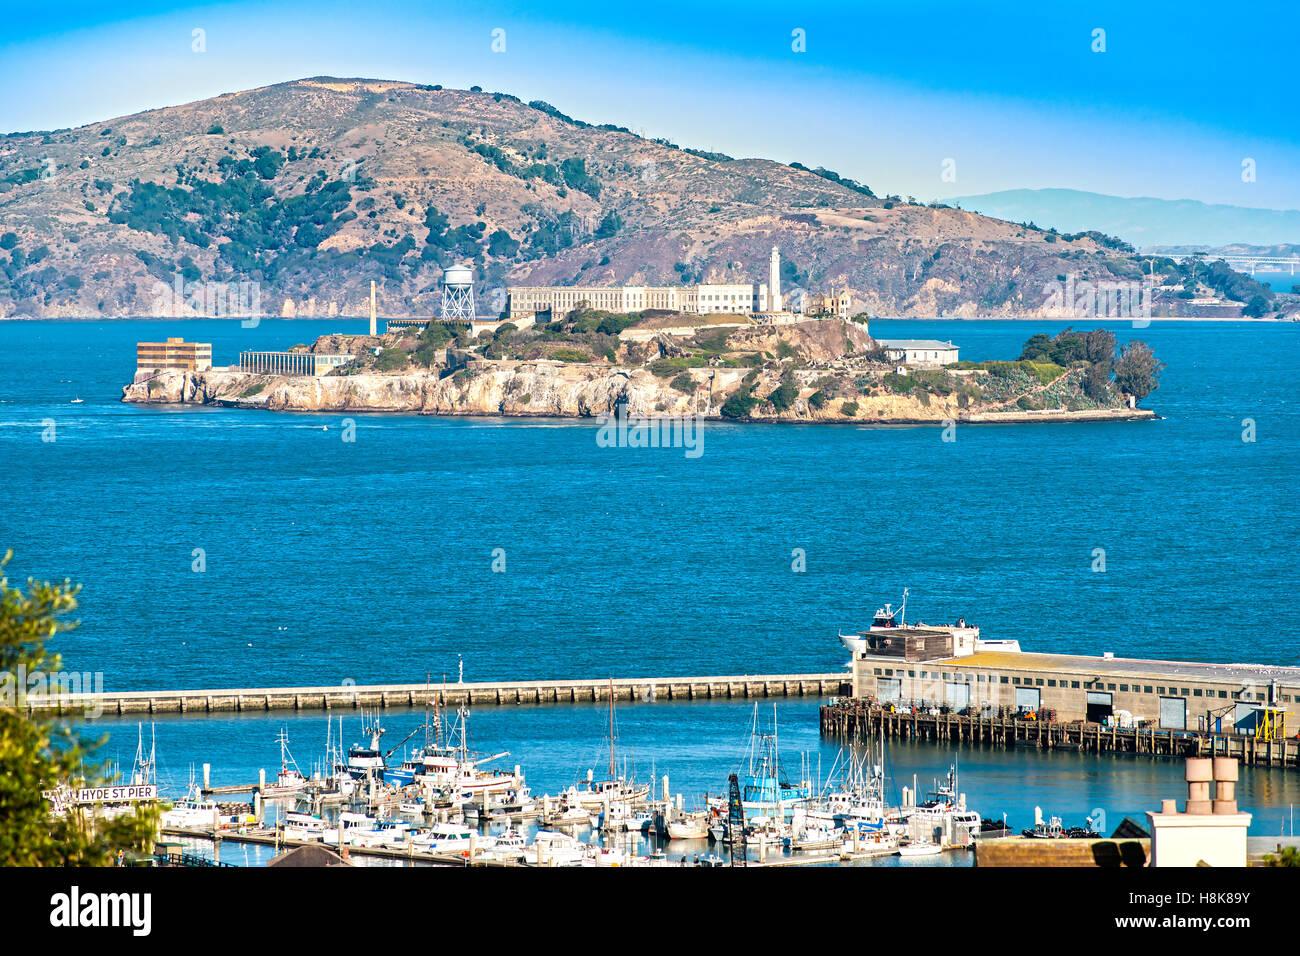 L'île d'Alcatraz à San Francisco, Californie, USA. Photo Stock